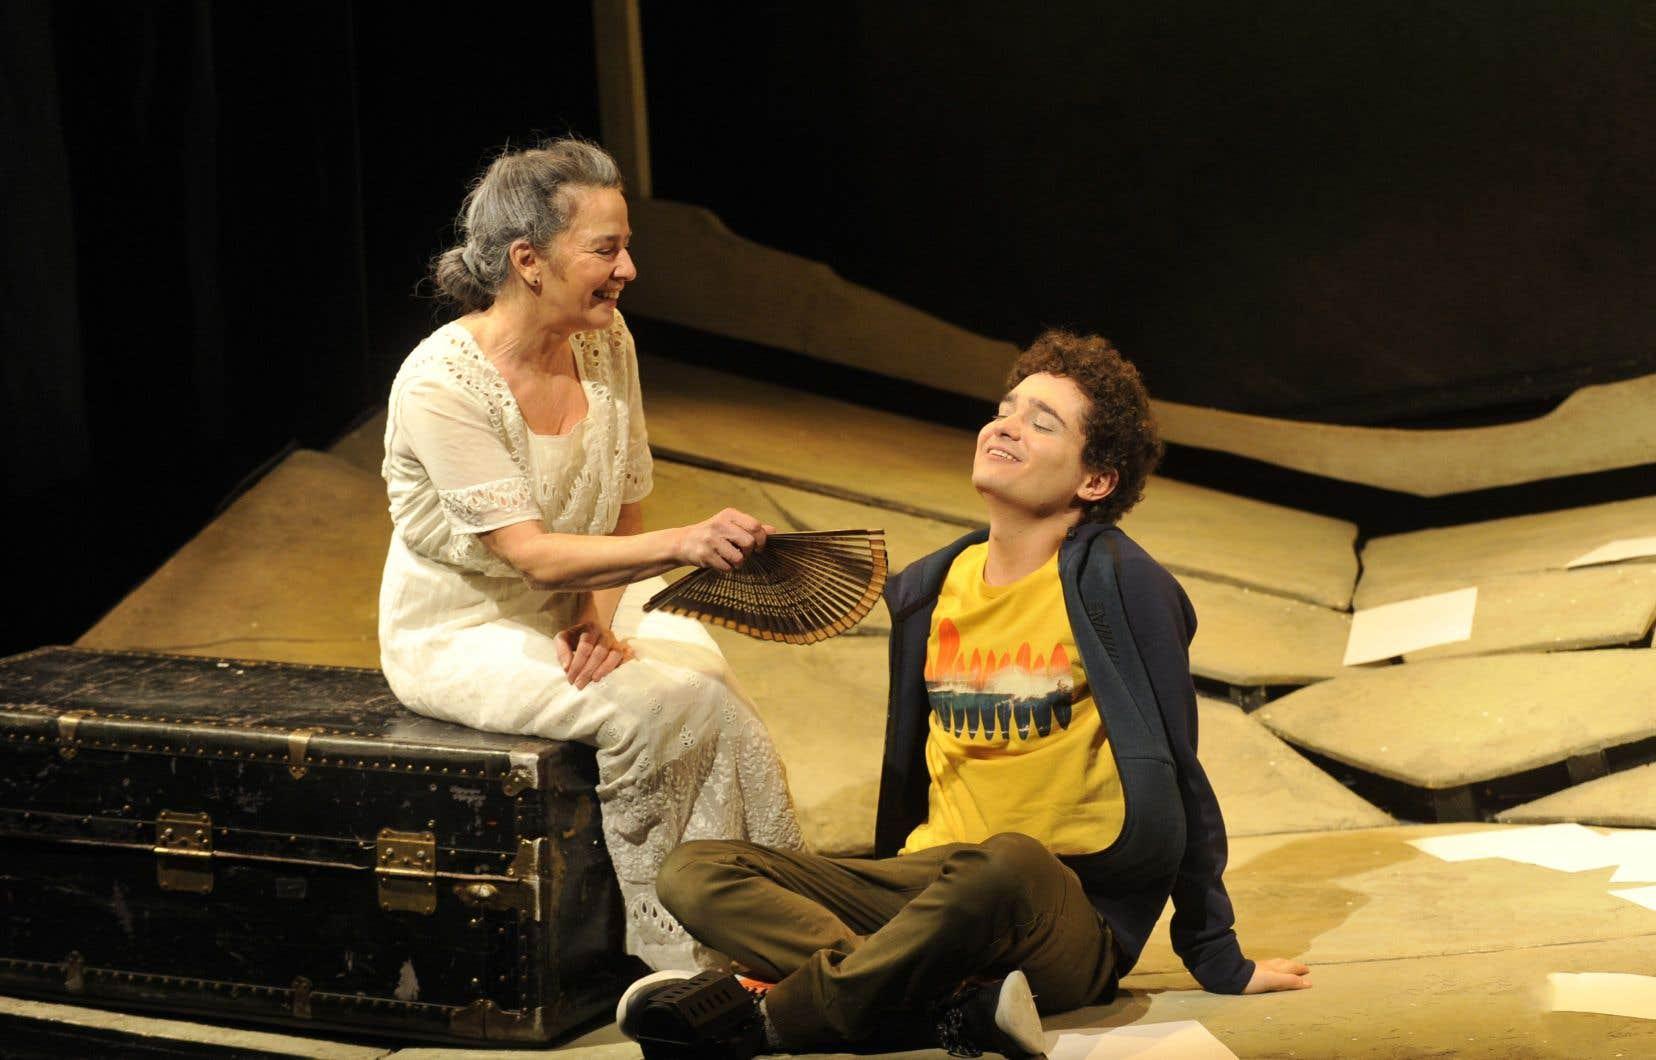 Représentation de la pièce de théâtre <em>Conte du Soleil</em>